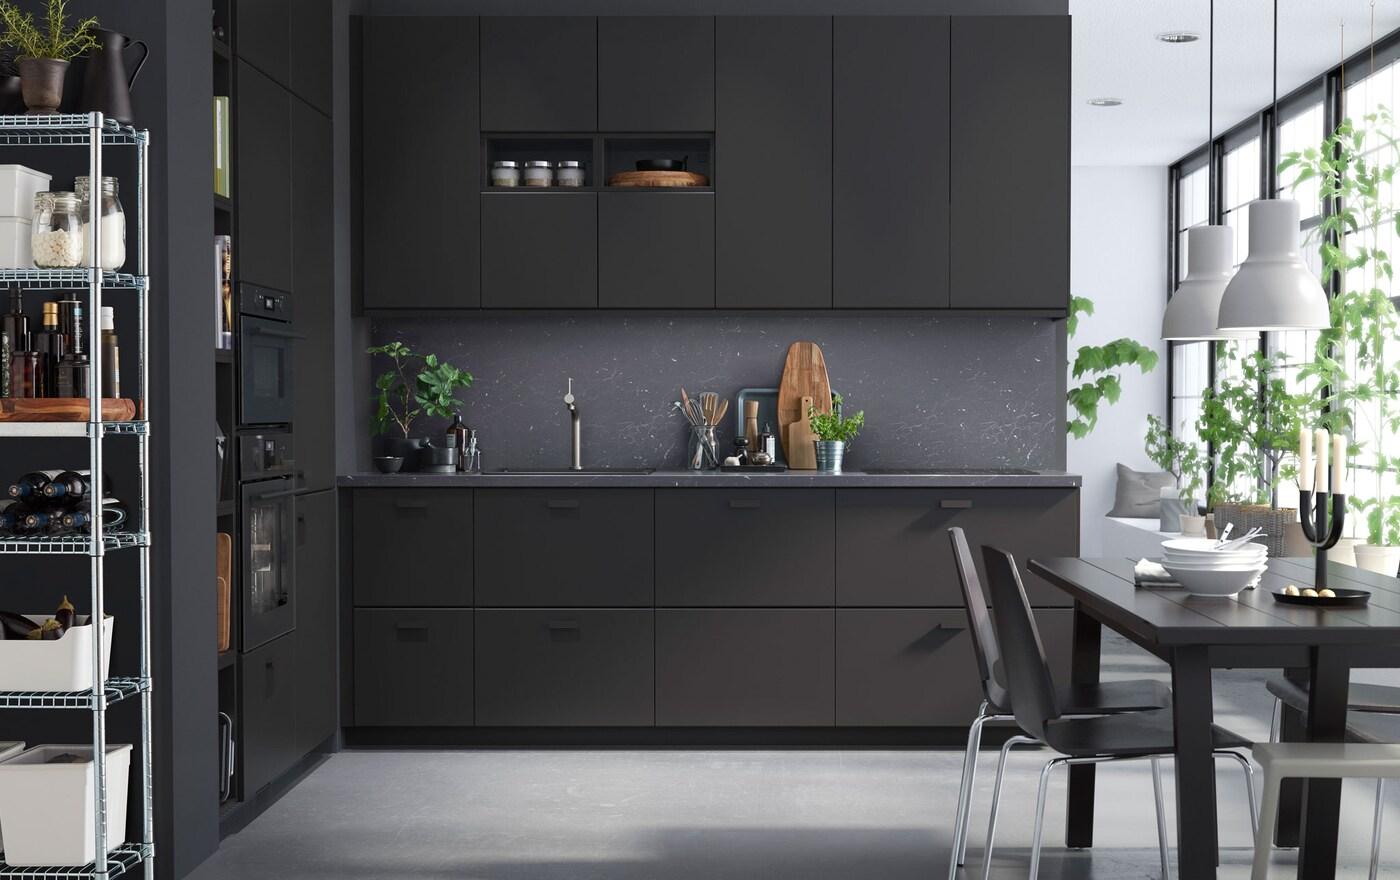 Een zwart grijze keuken en donkergrijze muren en een eettafel.